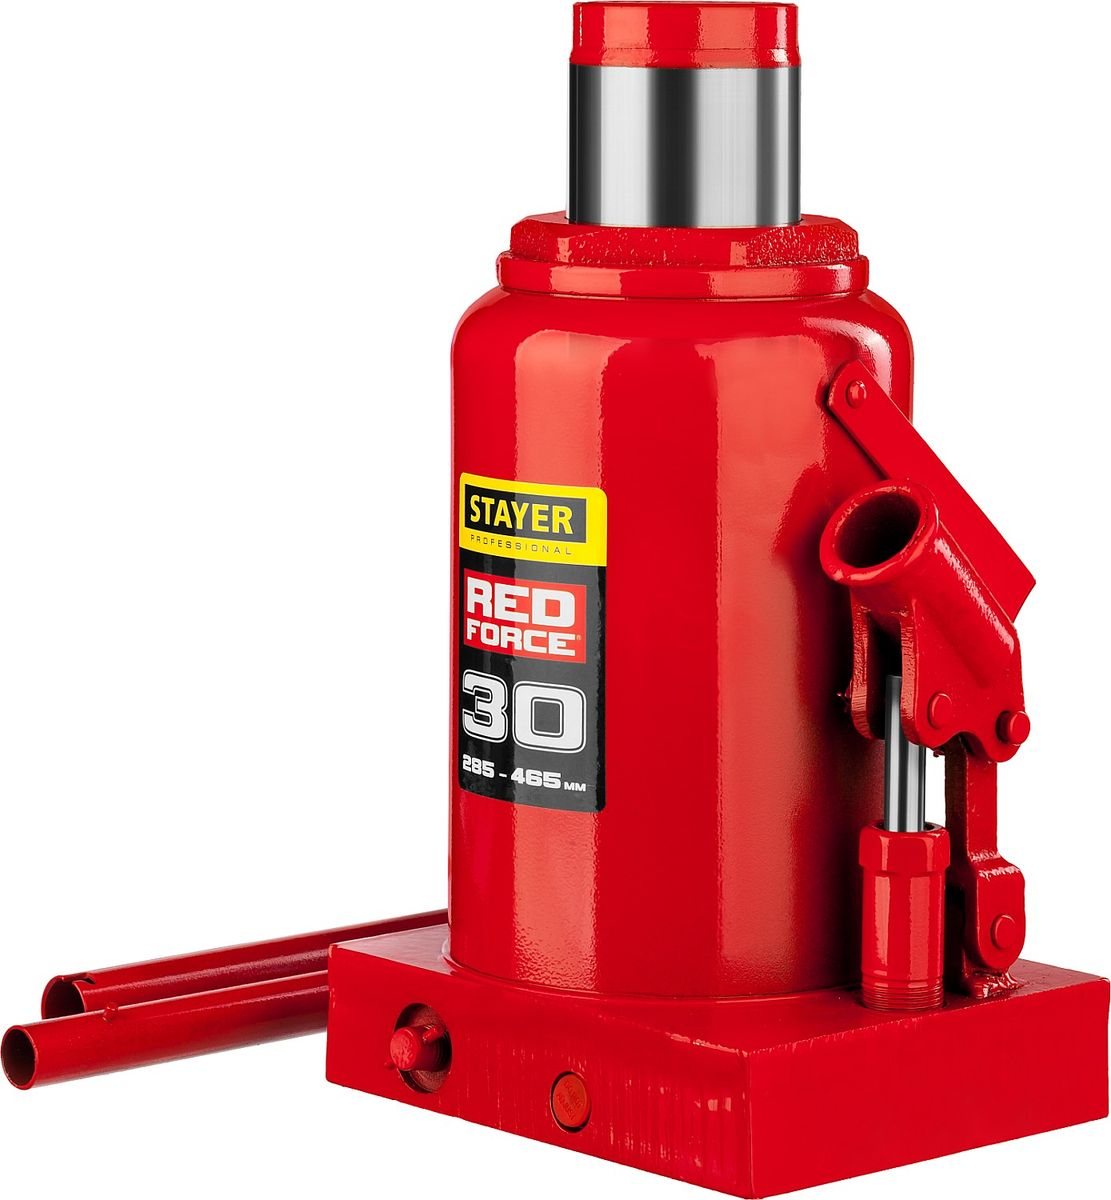 Домкрат Stayer Red Force, гидравлический бутылочный, 30 т, высота подъема 28,5-46,5 см43160-30_z01Гидравлический бутылочный домкрат Stayer Red Force используется при проведении ремонтно-строительных работ. Часто используется для обслуживания автомобилей или при работах связанных с ремонтом фундаментов. Компактный. Небольшой вес.Высокая грузоподъемность.